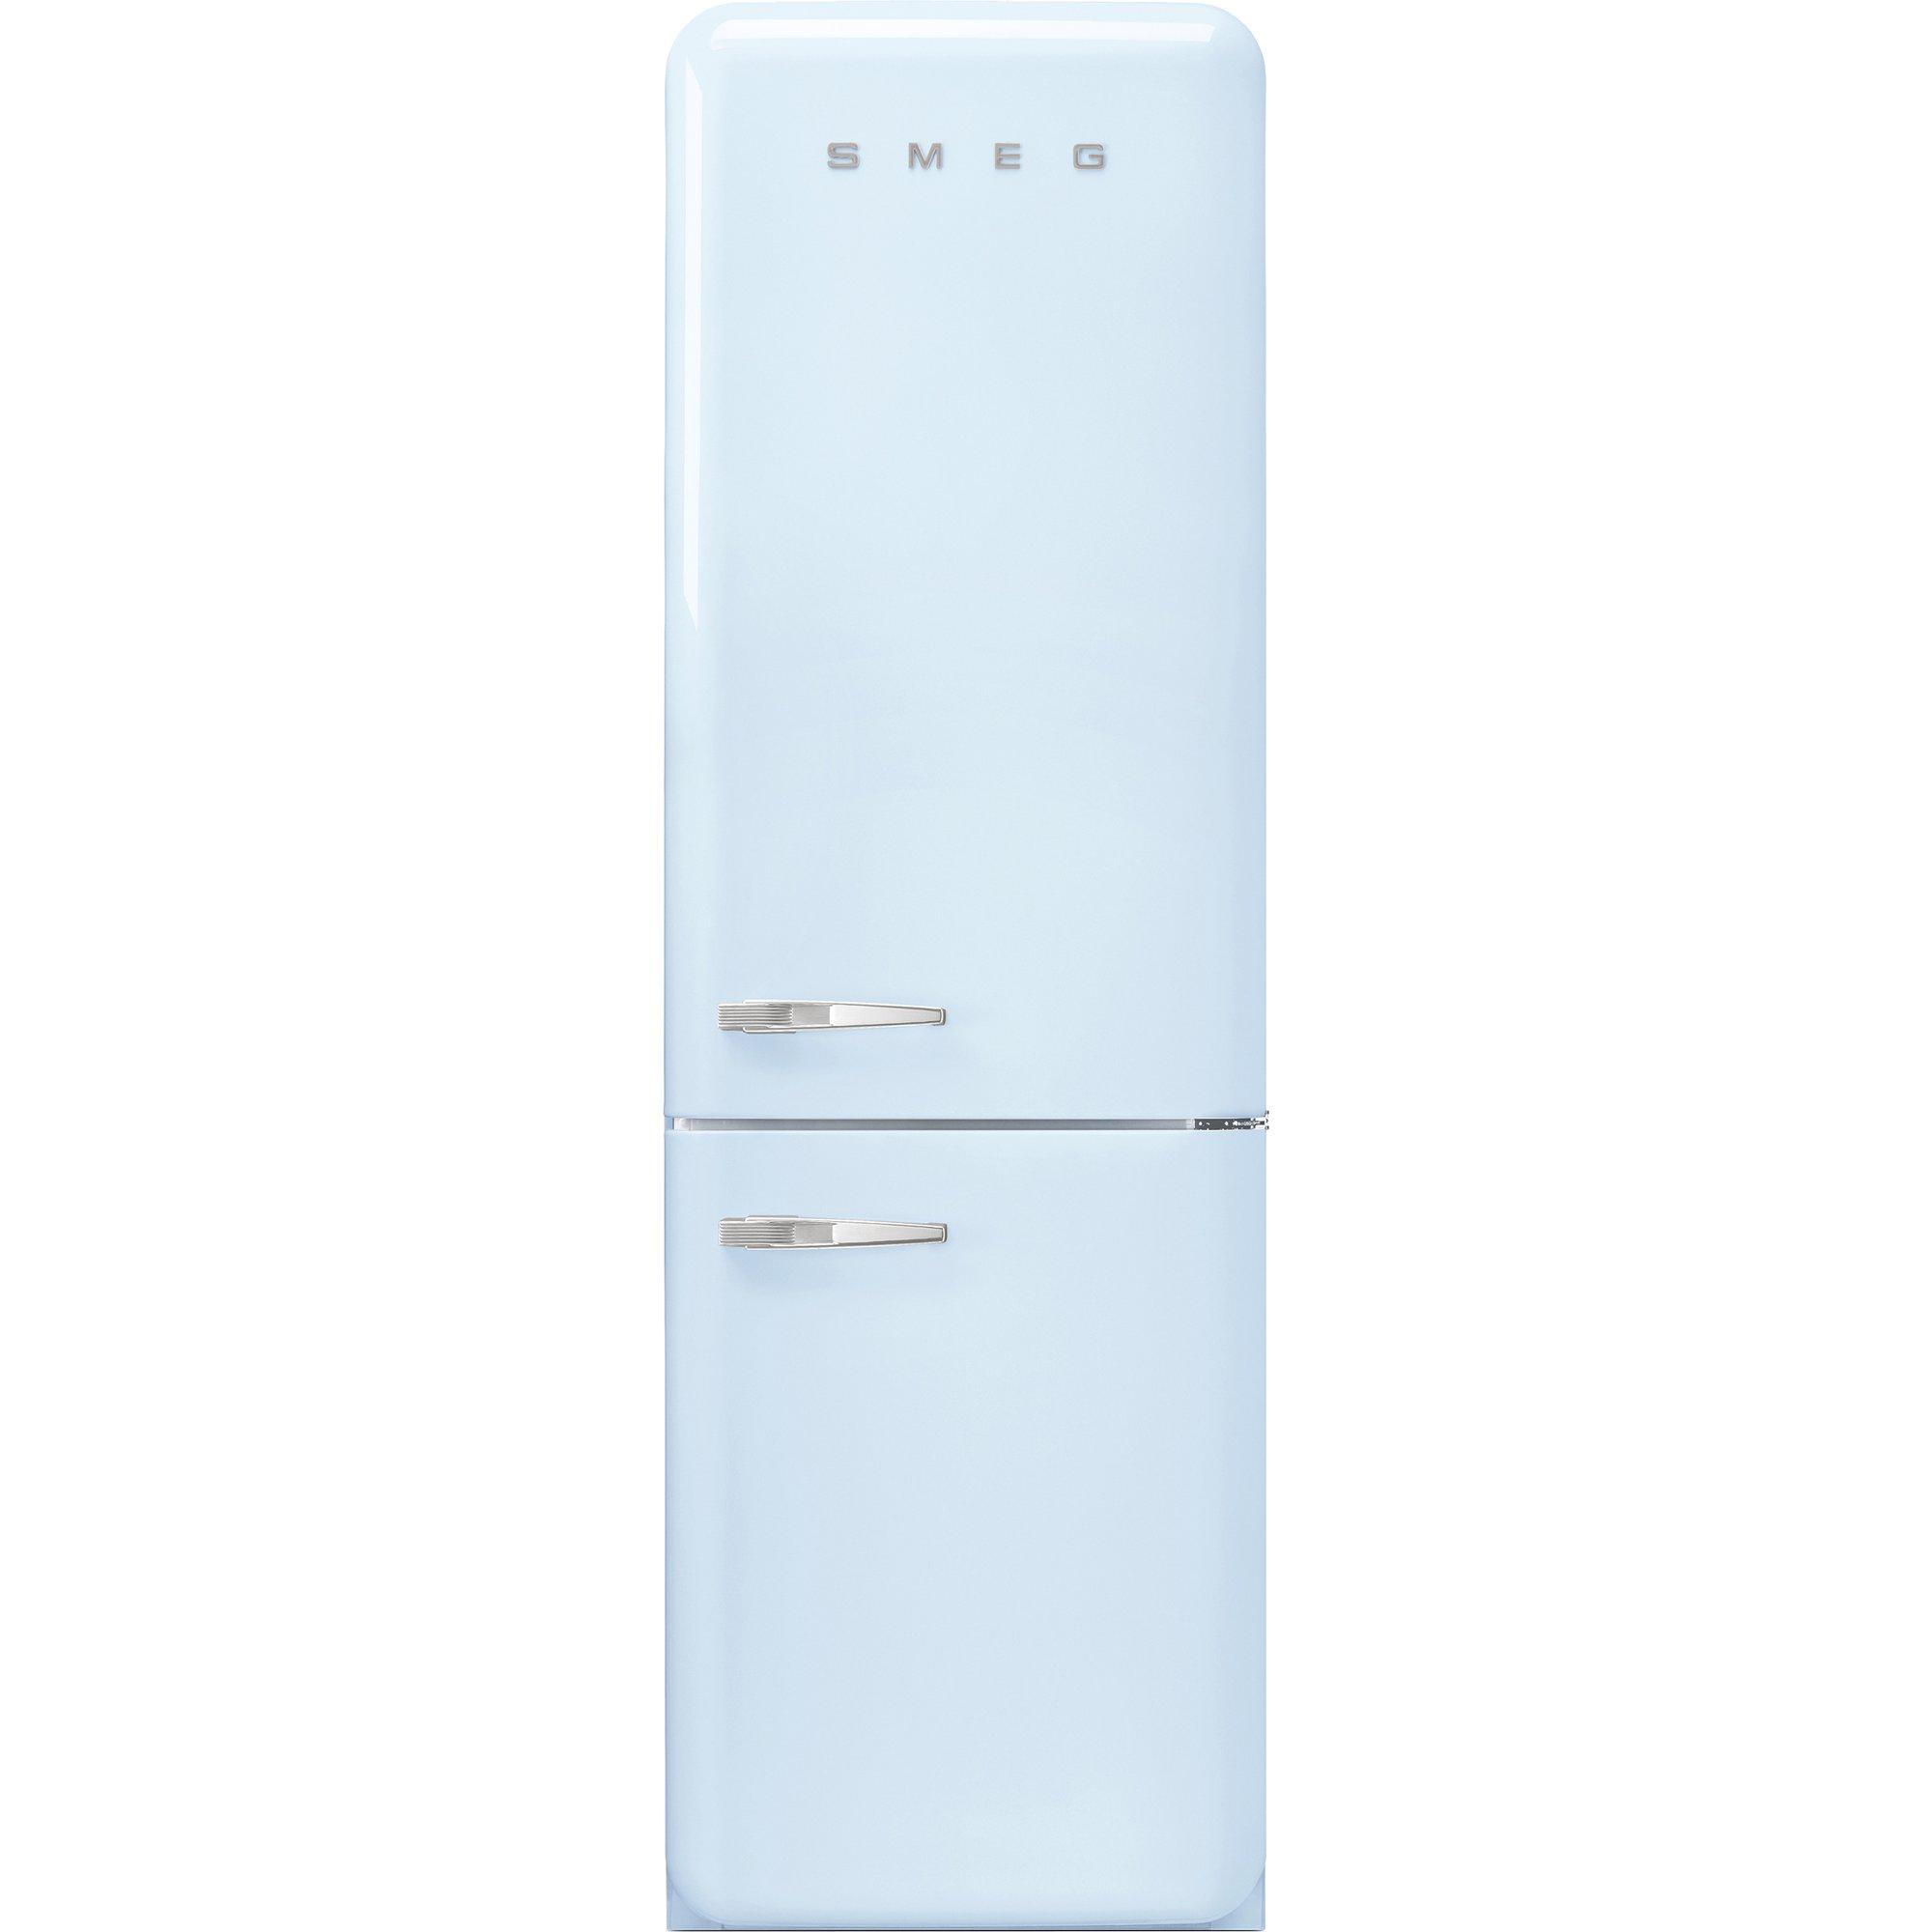 Smeg Kylskåp/frys i 50-tals retrostil högerhängt pastellblå